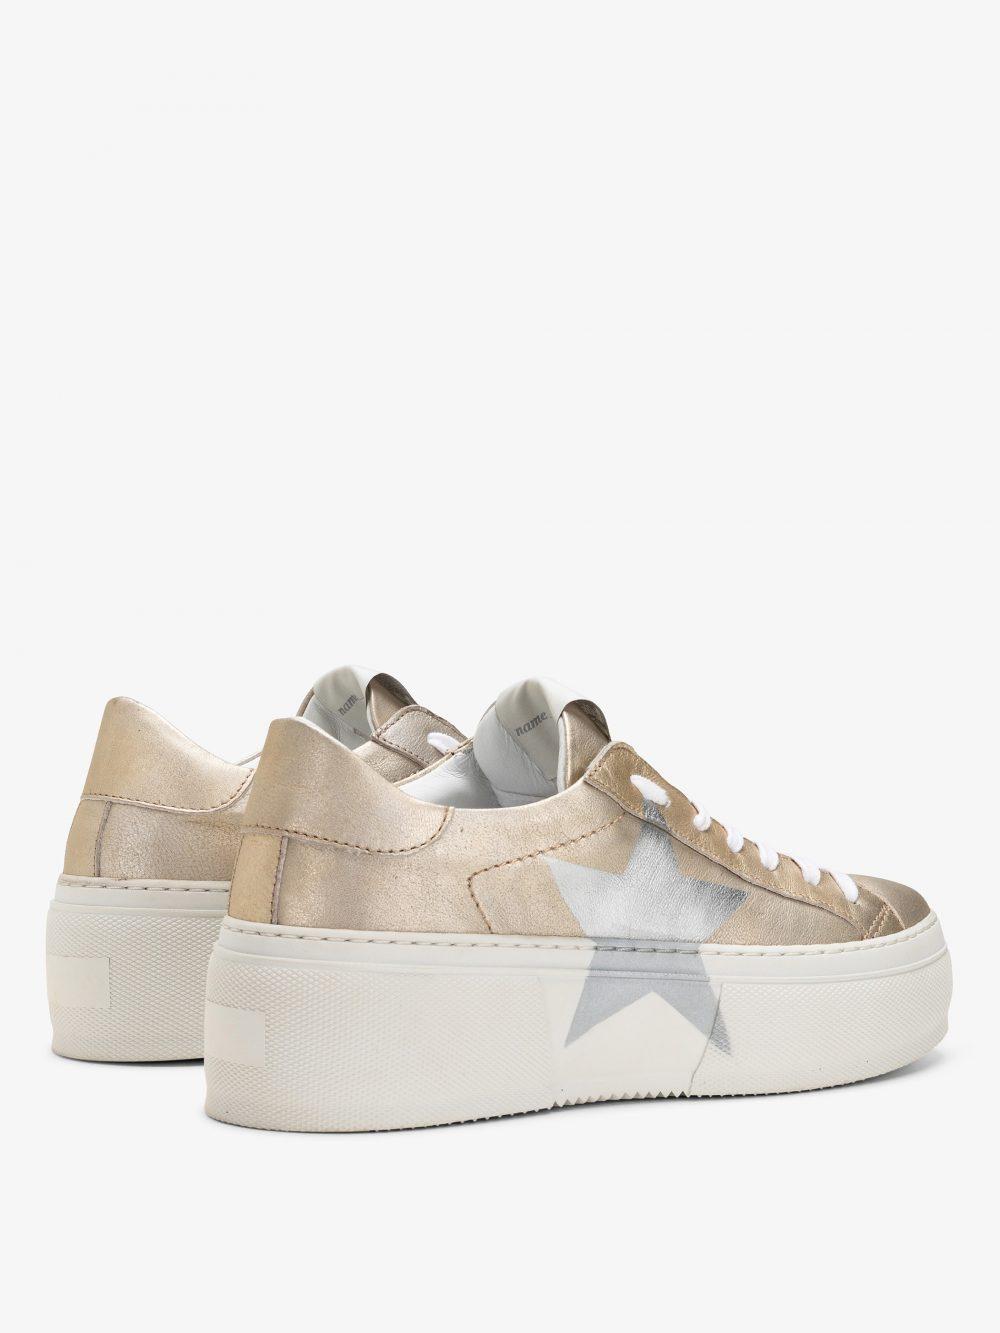 sneakers-oro-suola-oversize-mimosa-cometa-stella (2)